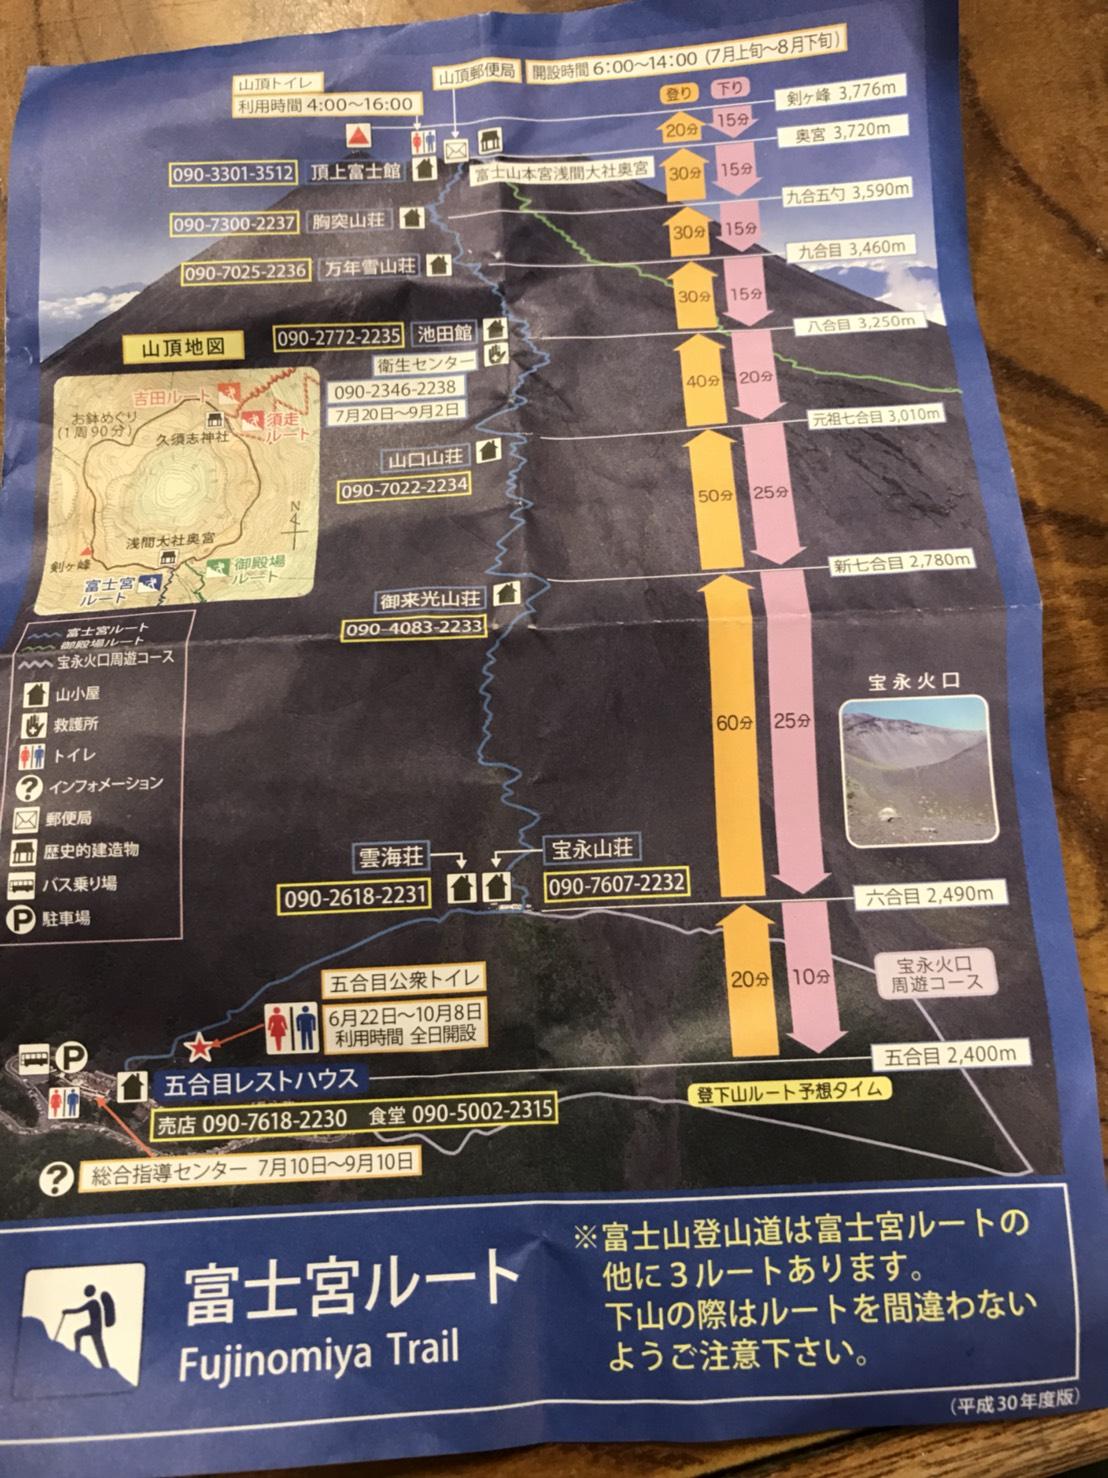 お片付け探検隊in富士山(富士宮ルート)④